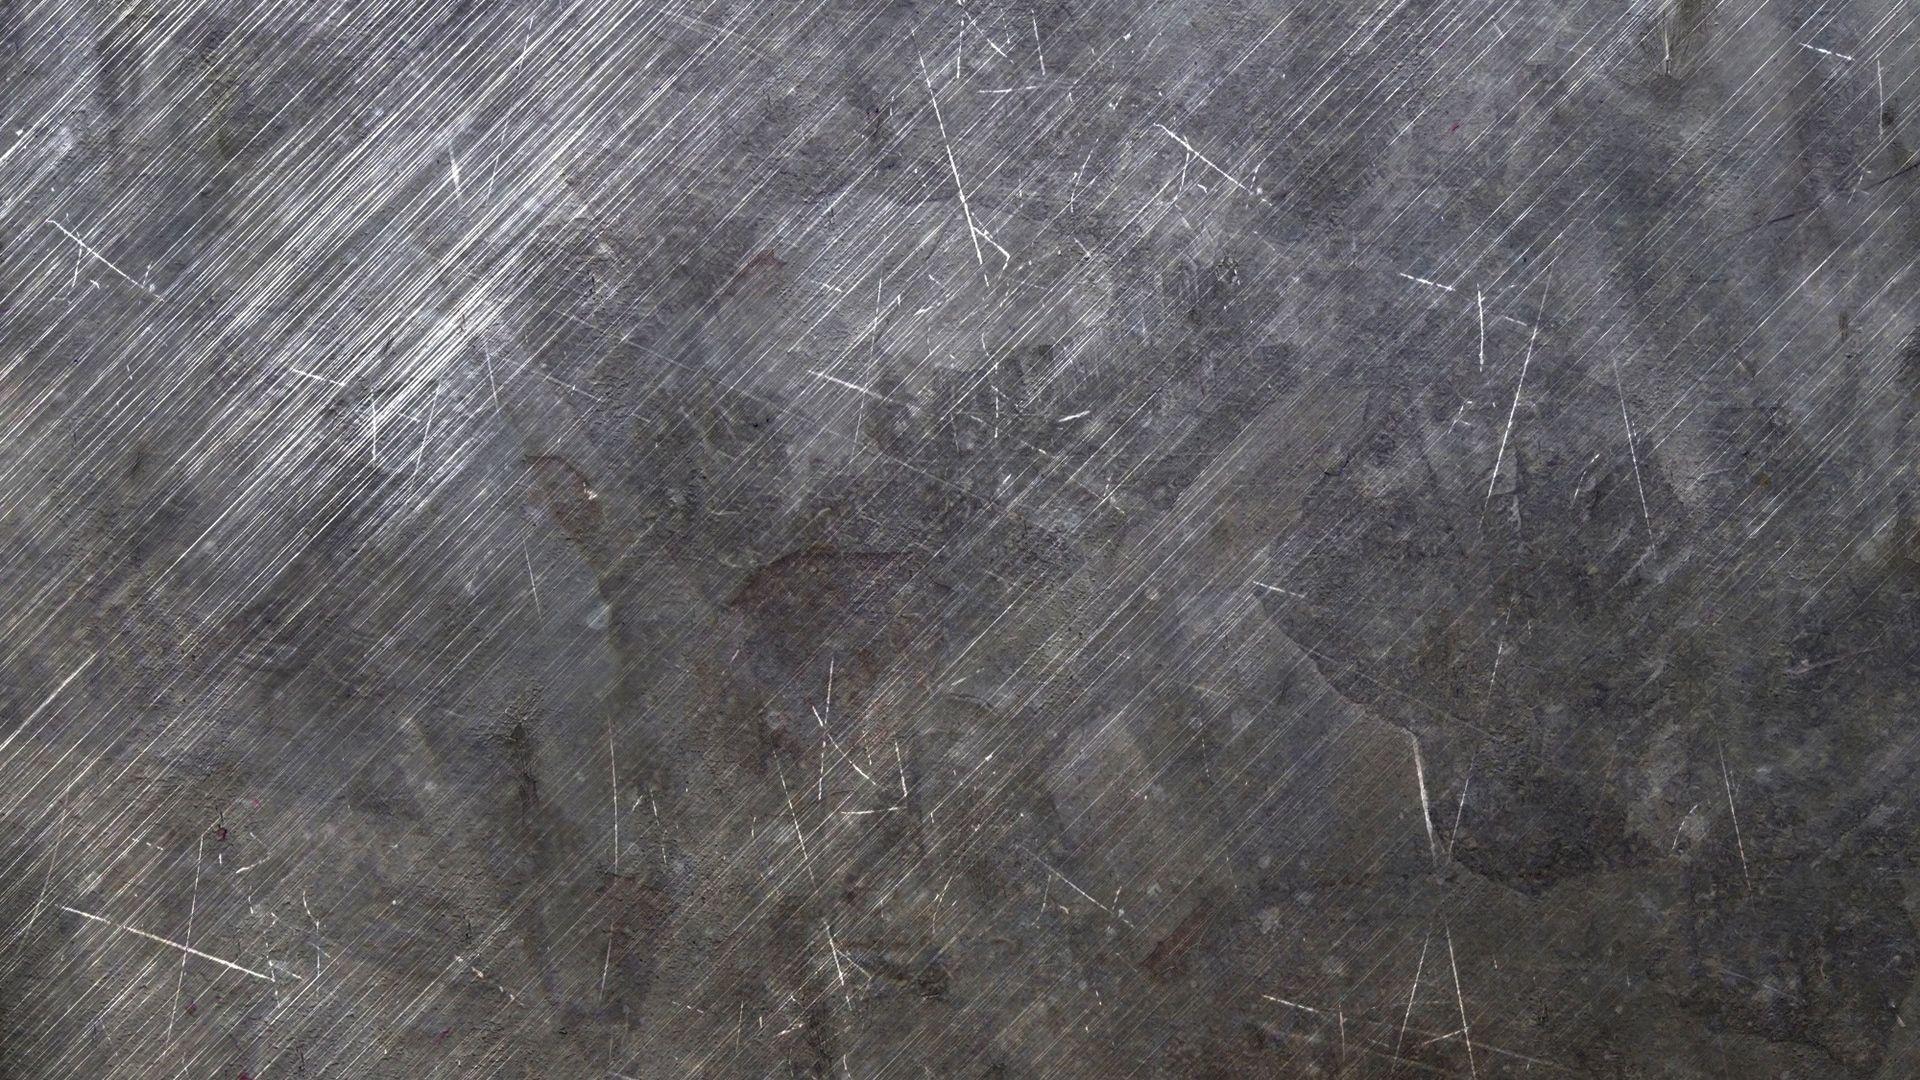 Download Wallpaper 1920x1080 Metal Background Scratches Surface Full Hd 1080p Hd Background Metal Background Metal Texture Metallic Wallpaper